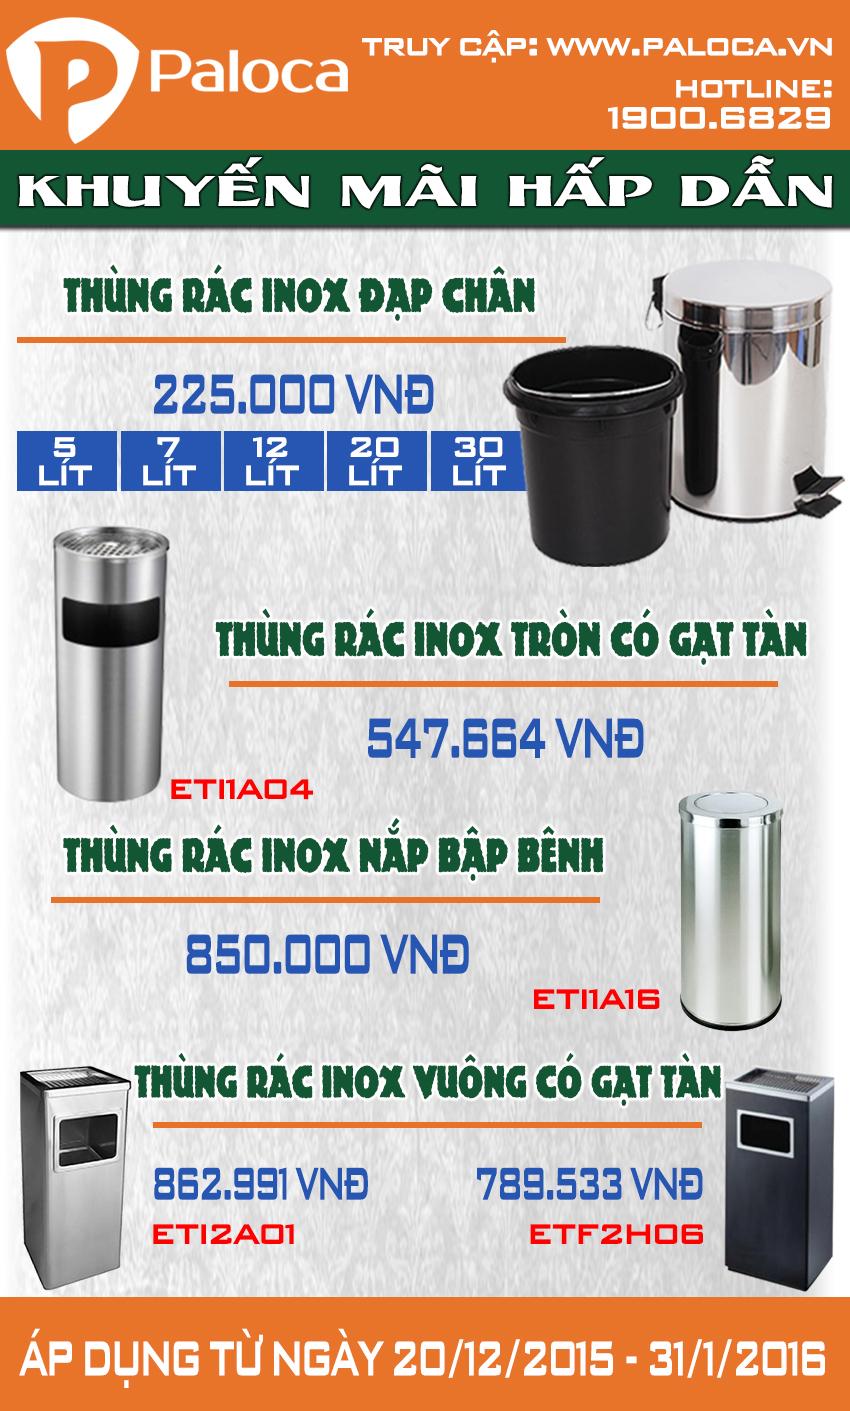 Thùng rác inox - Khuyến mại thùng rác inox trên toàn quốc